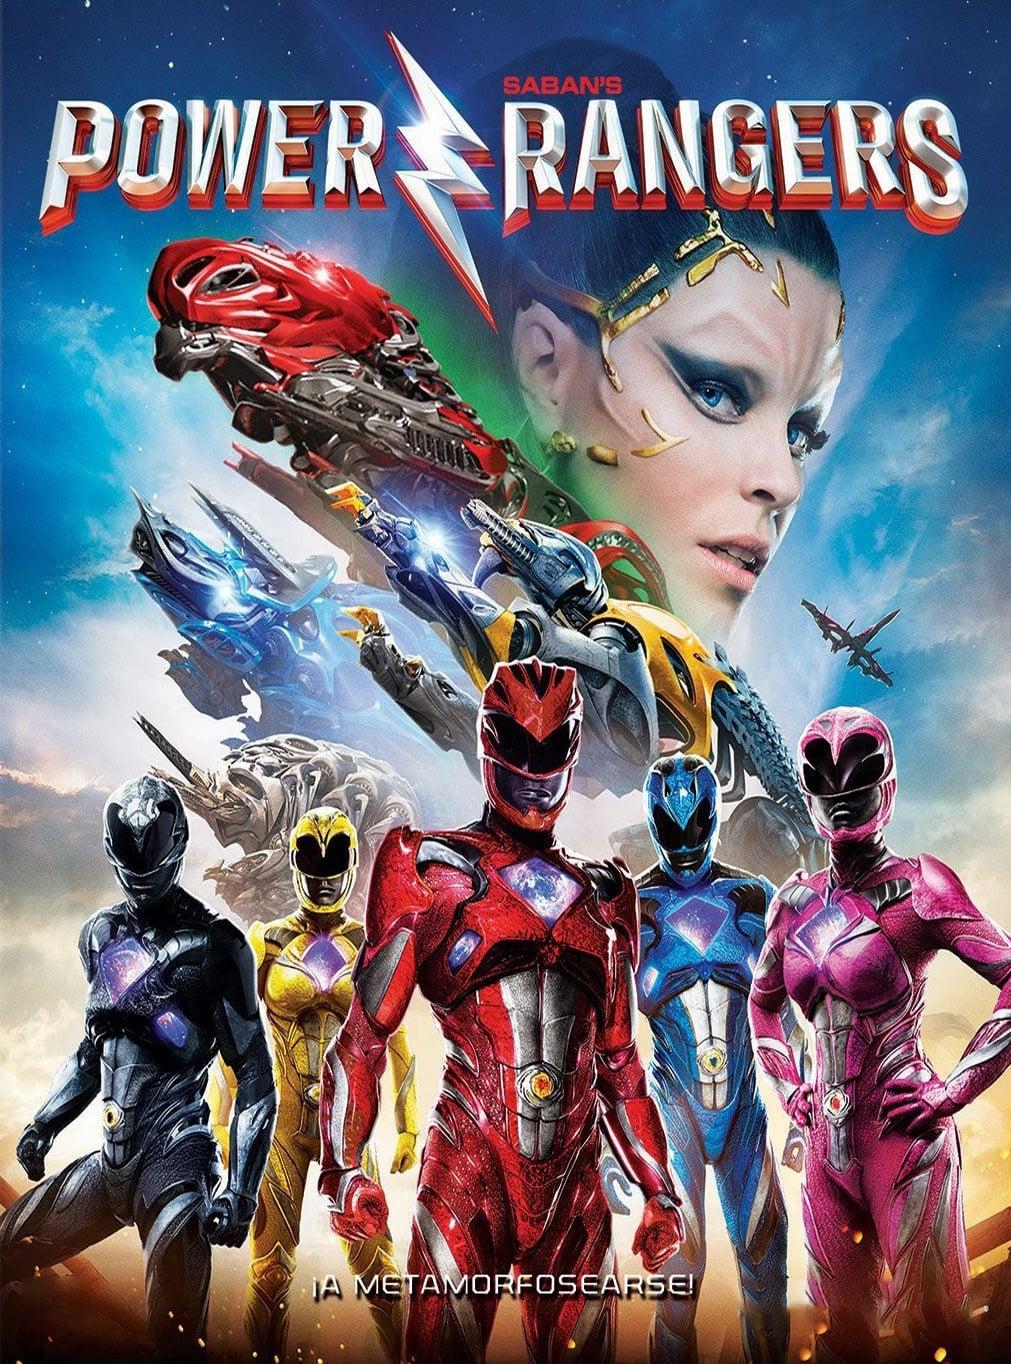 Power Rangers (2017) • movies.film-cine.com